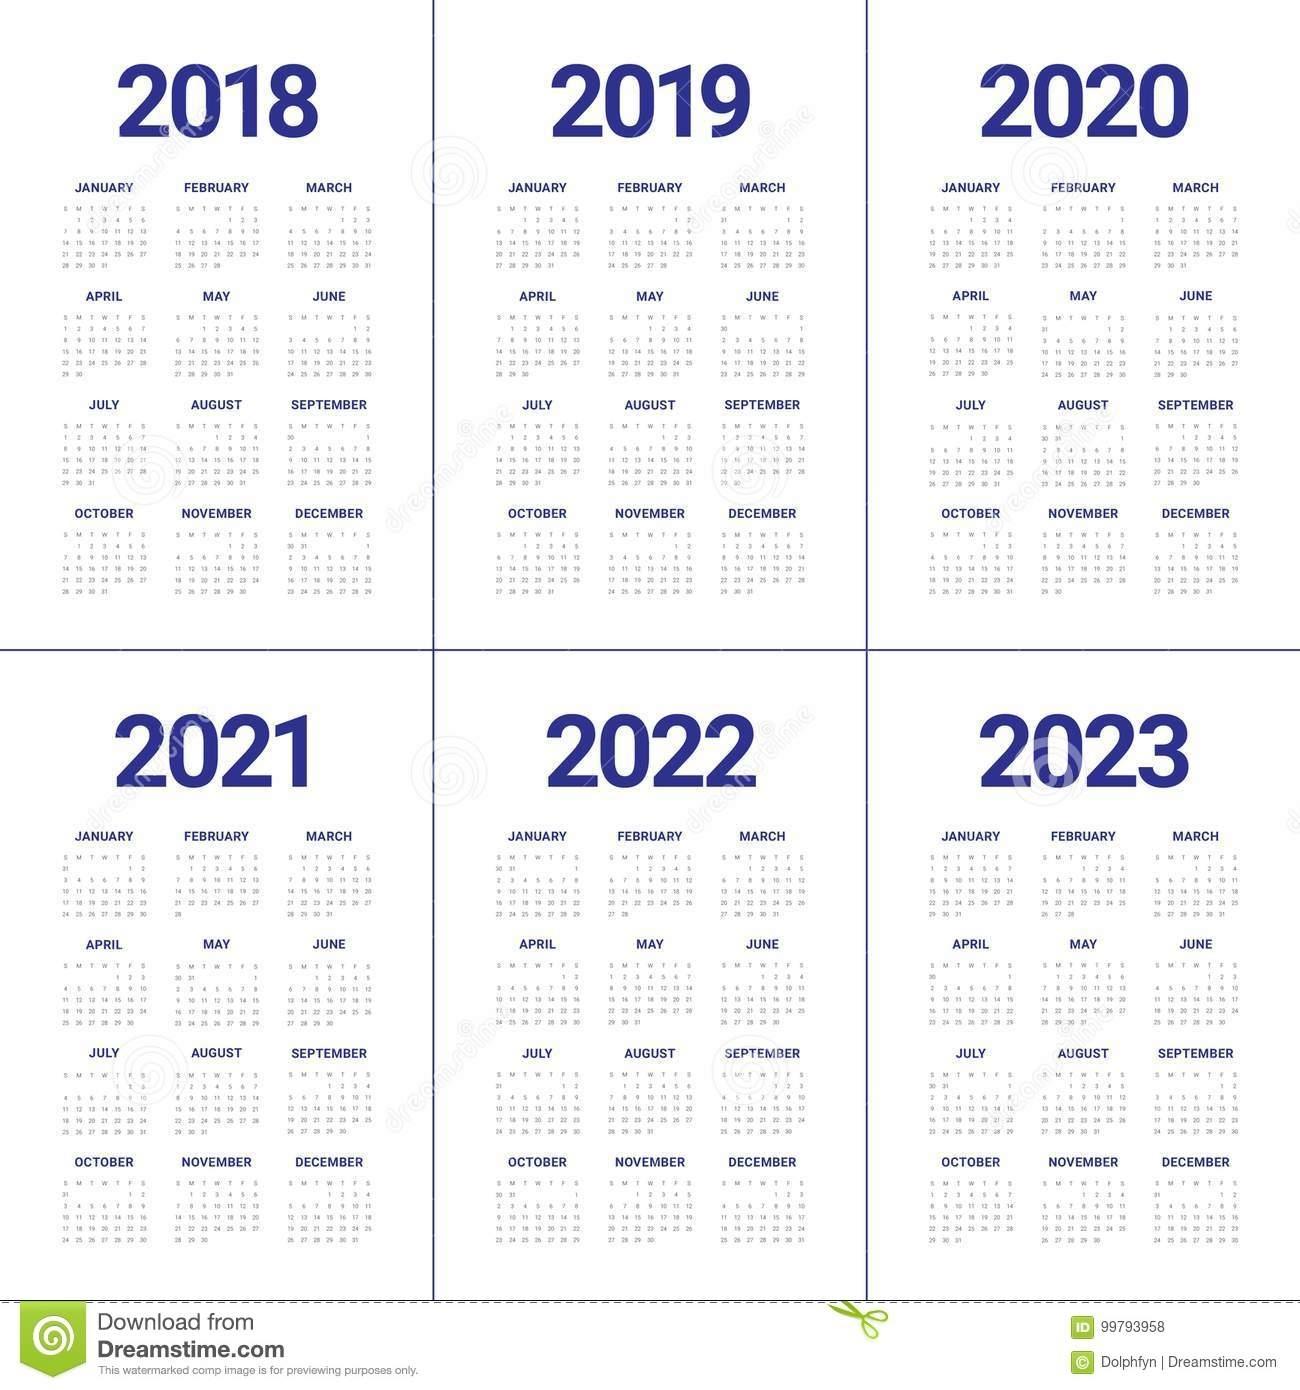 Year 2018 2019 2020 2021 2022 2023 Calendar Vector Stock Vector regarding Print 2019, 2020, 2021, 2022, 2023, Calender